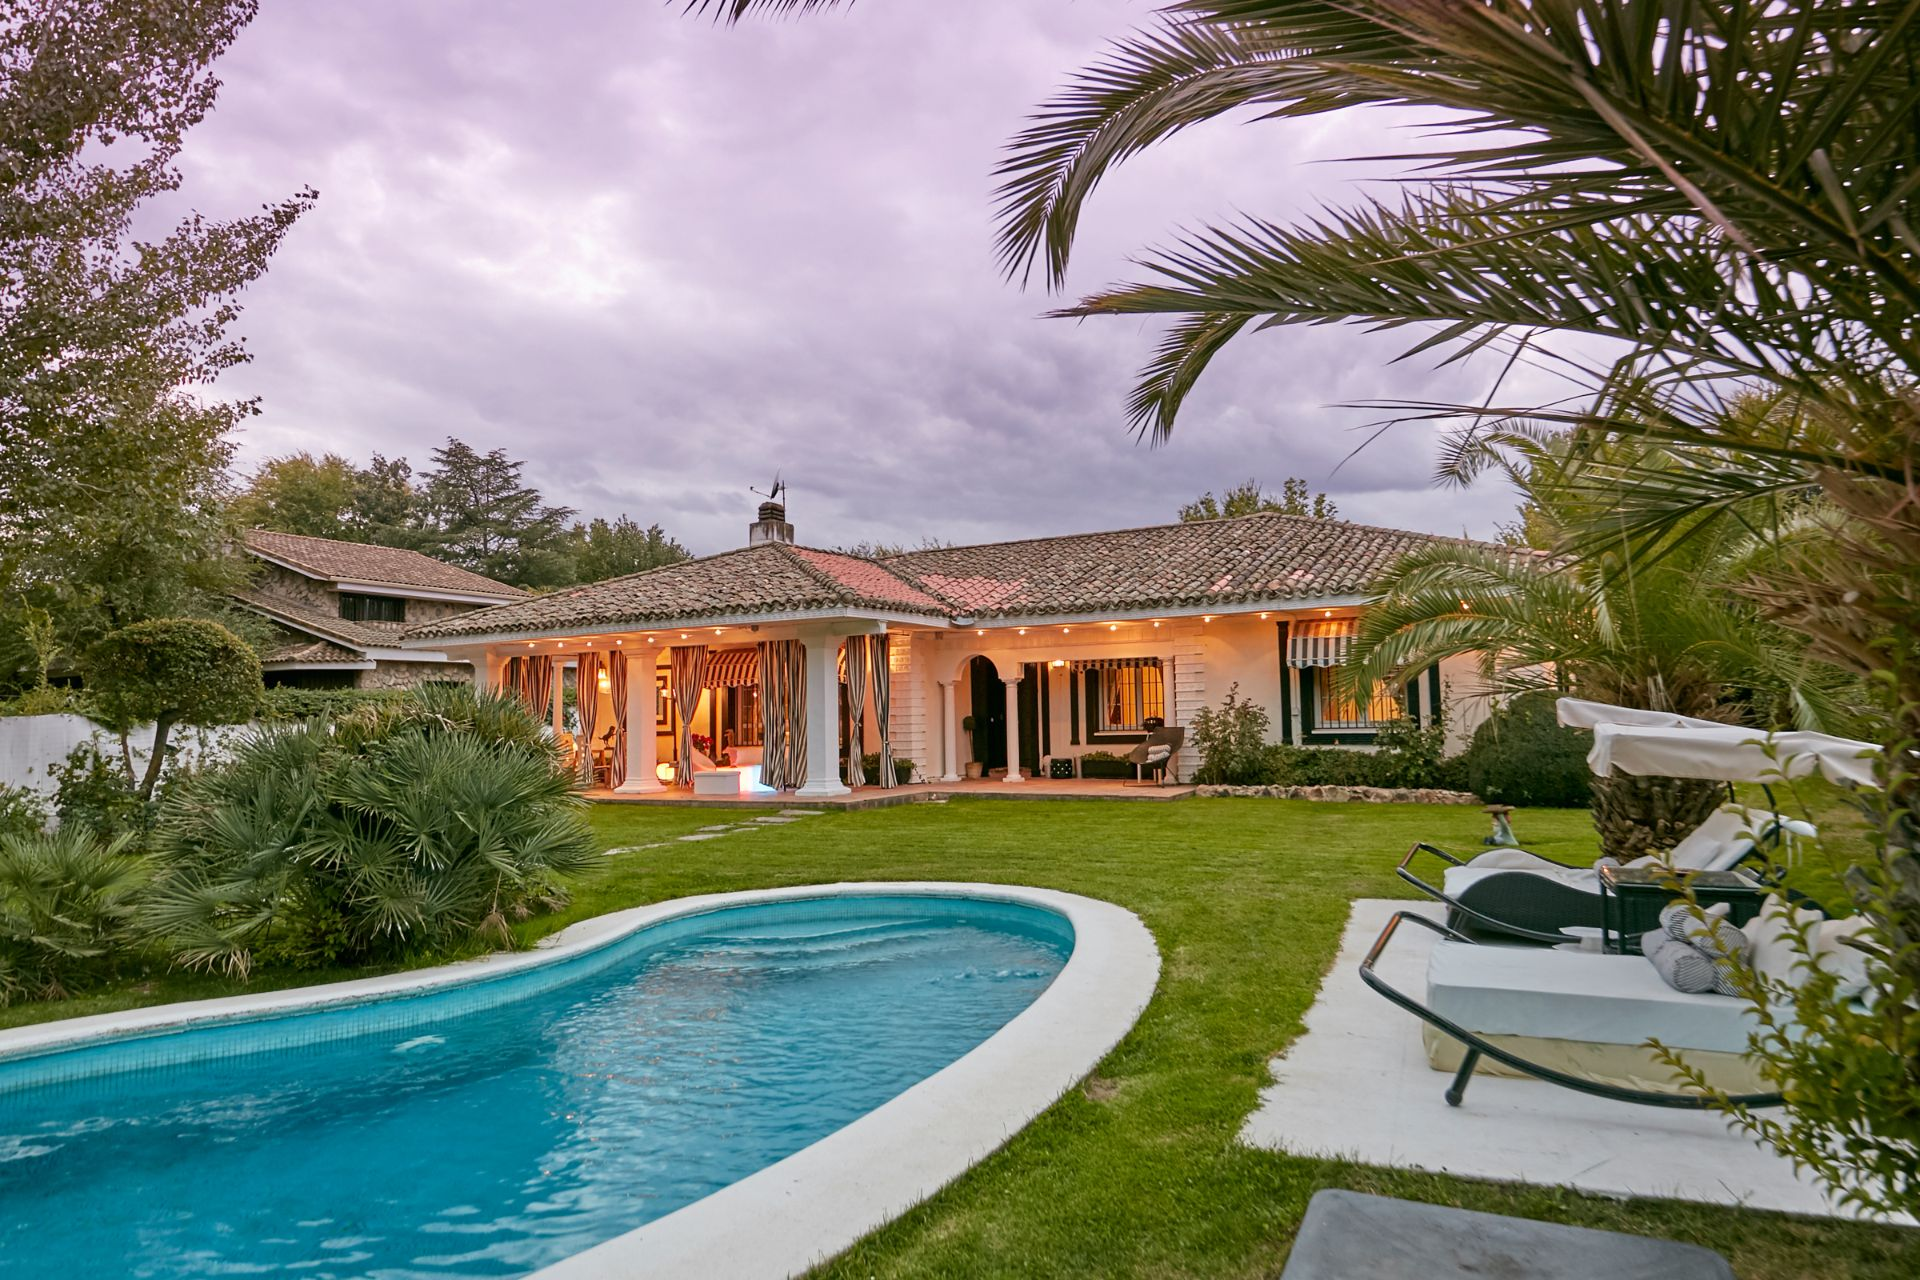 Casa / Chalet en Villanueva de la Cañada, Villafranca del Castillo, venta